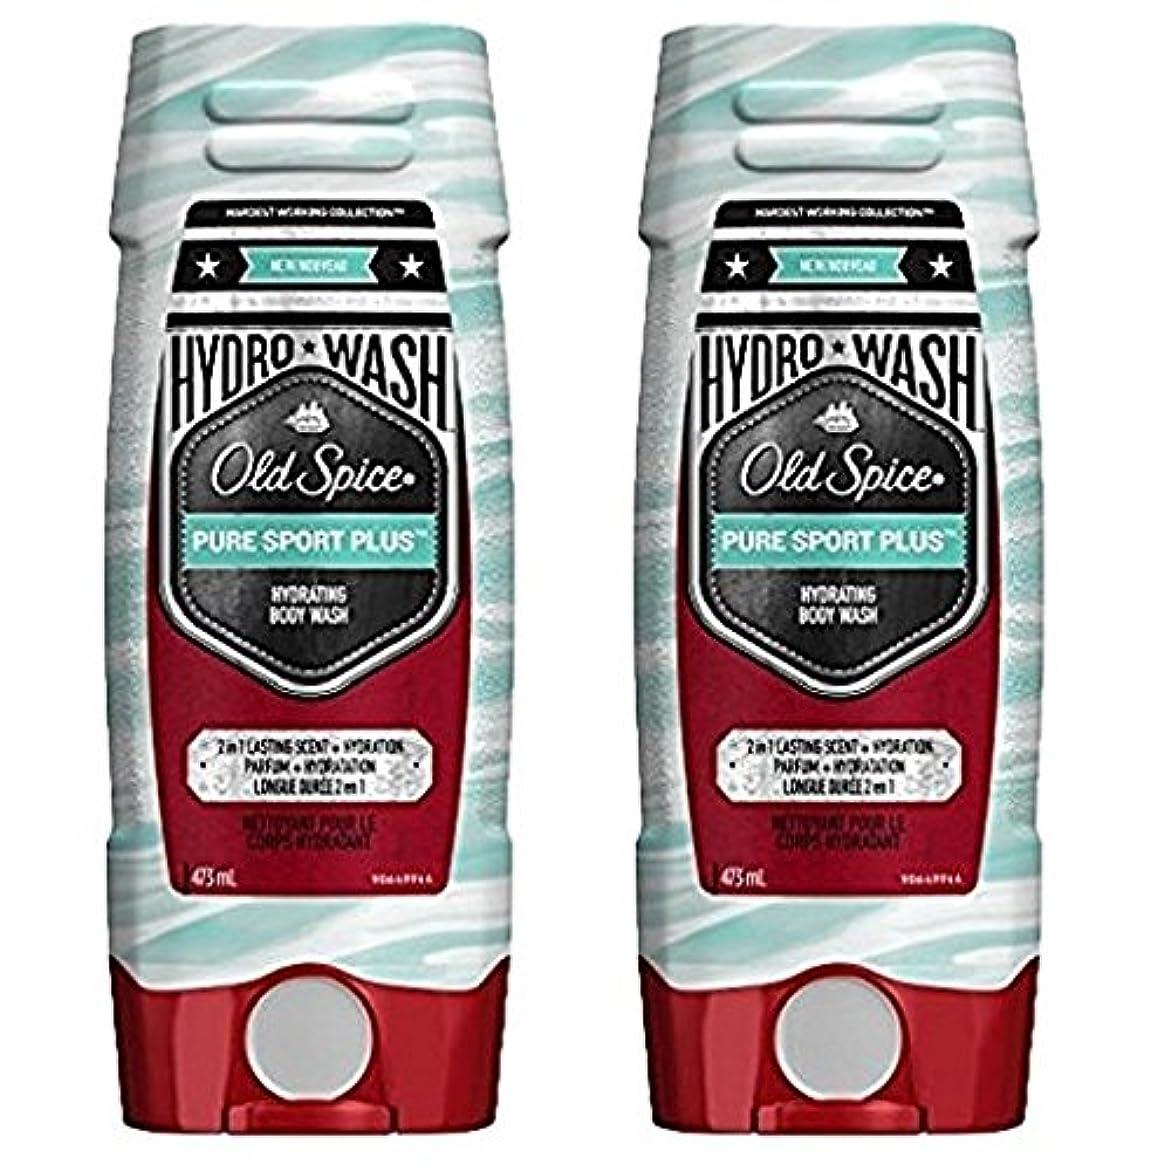 カプラー足首音声海外直送品 Old Spice Hydro Wash Body Wash Hardest Working Collection Pure Sport Plus 16 Oz, 2 Pack ボディーソープ 2本